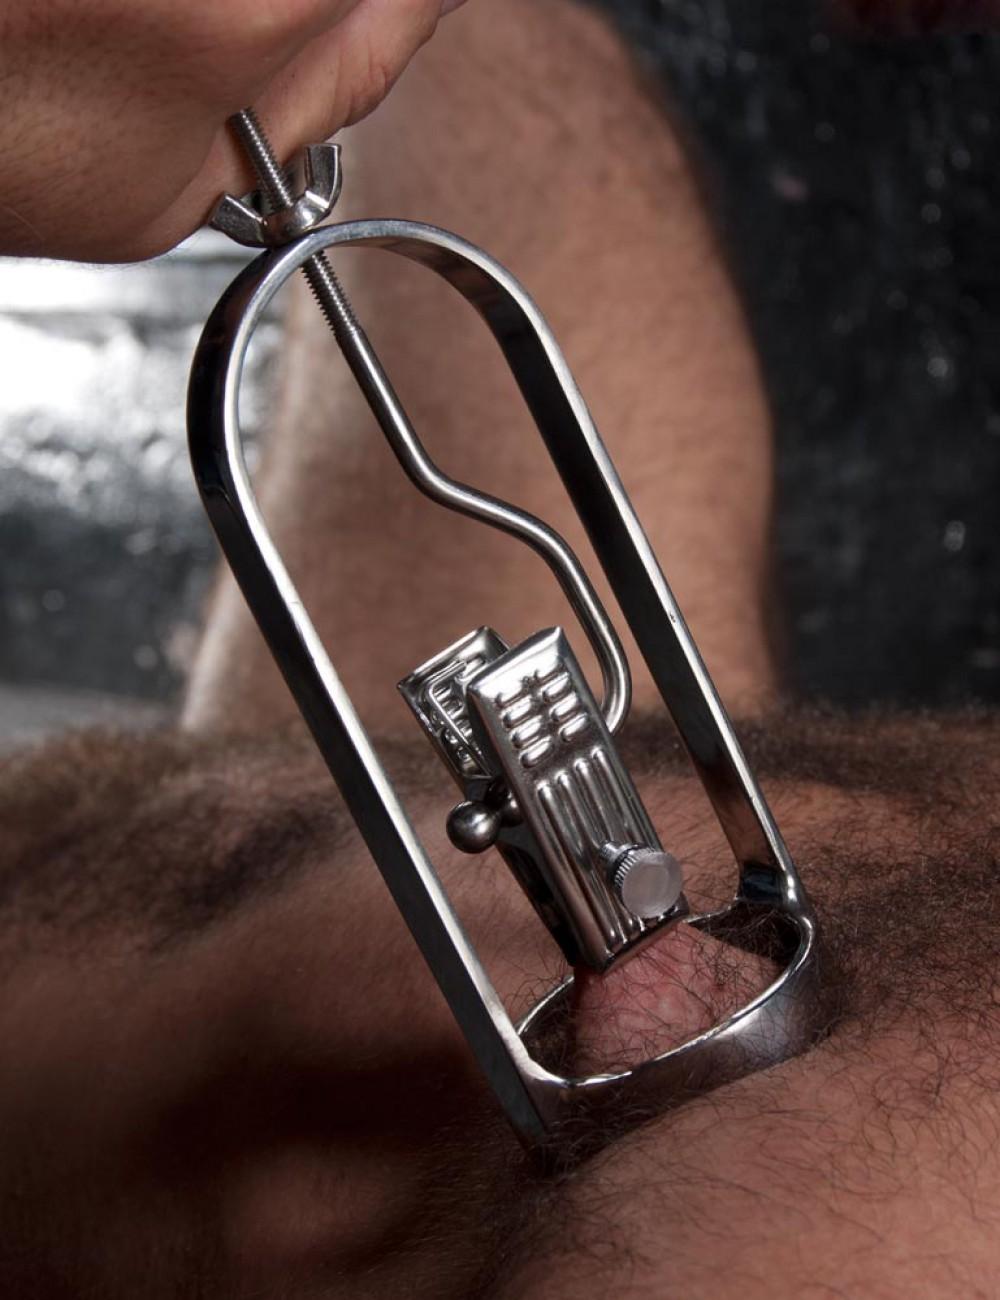 Tit Tuggers